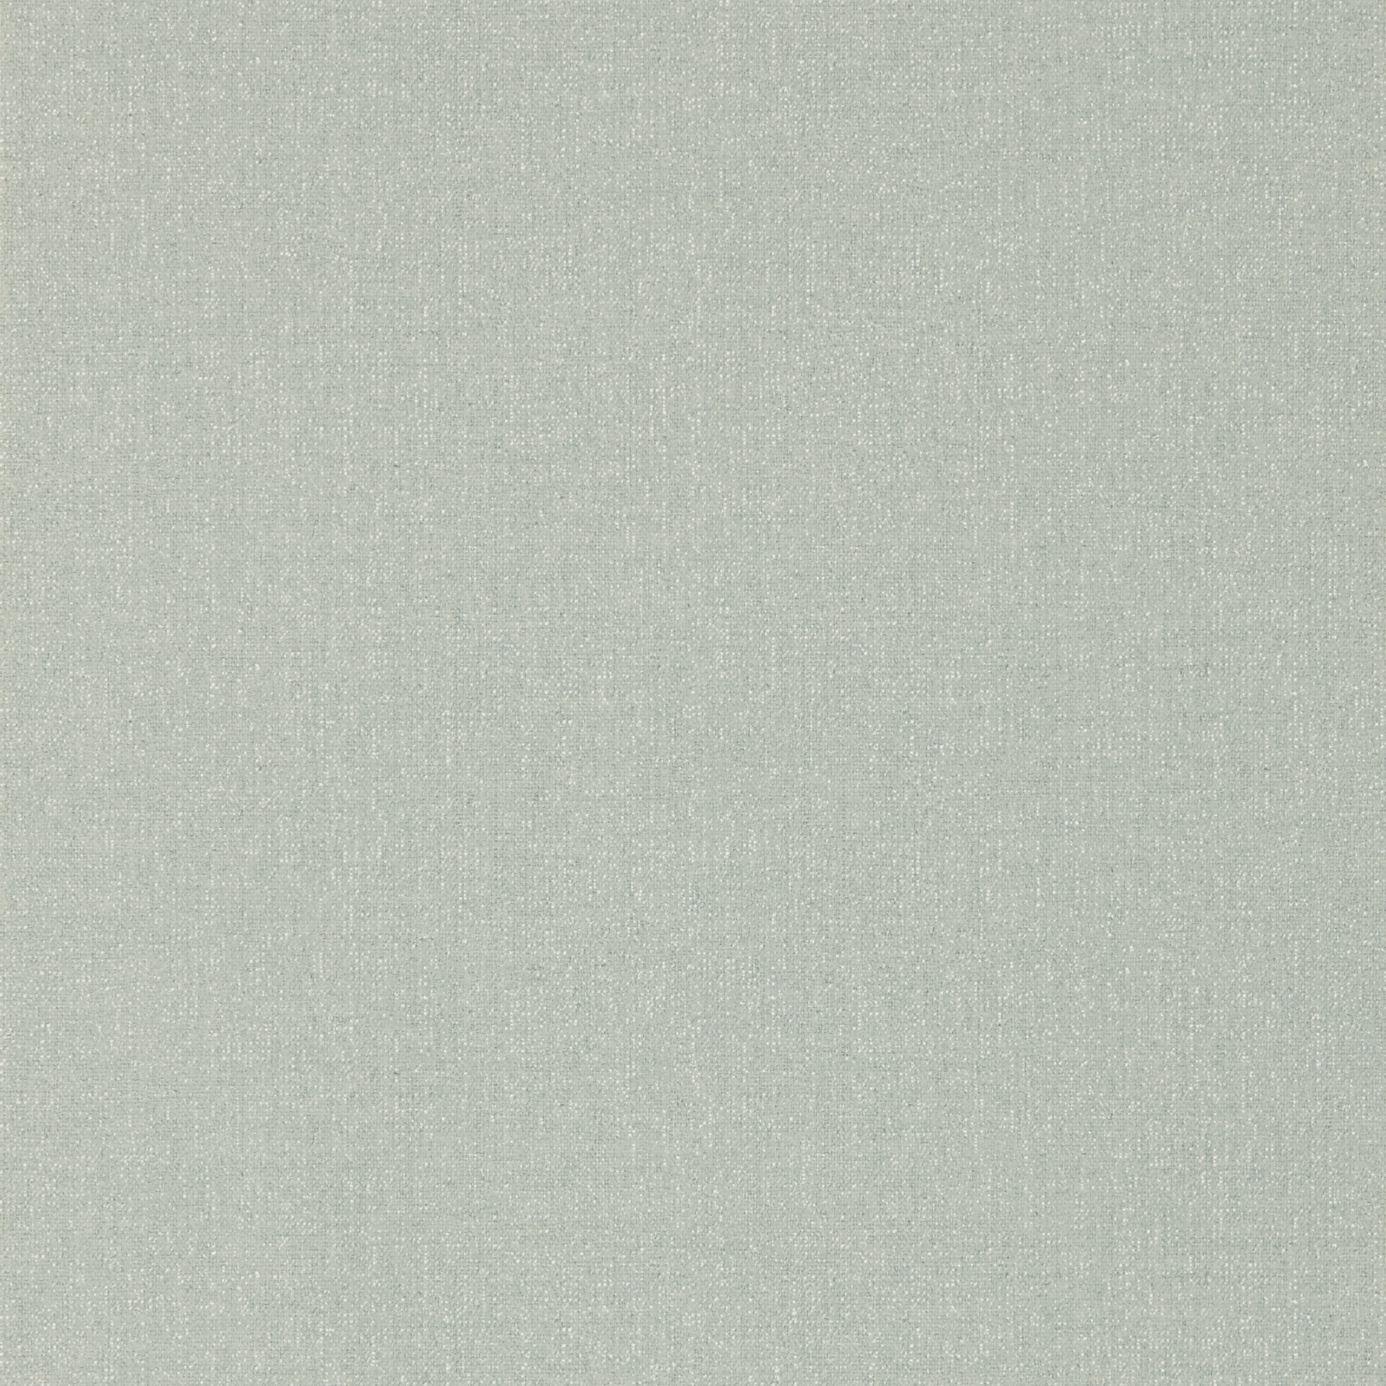 Английские обои Sanderson,  коллекция Sojourn, артикул215446